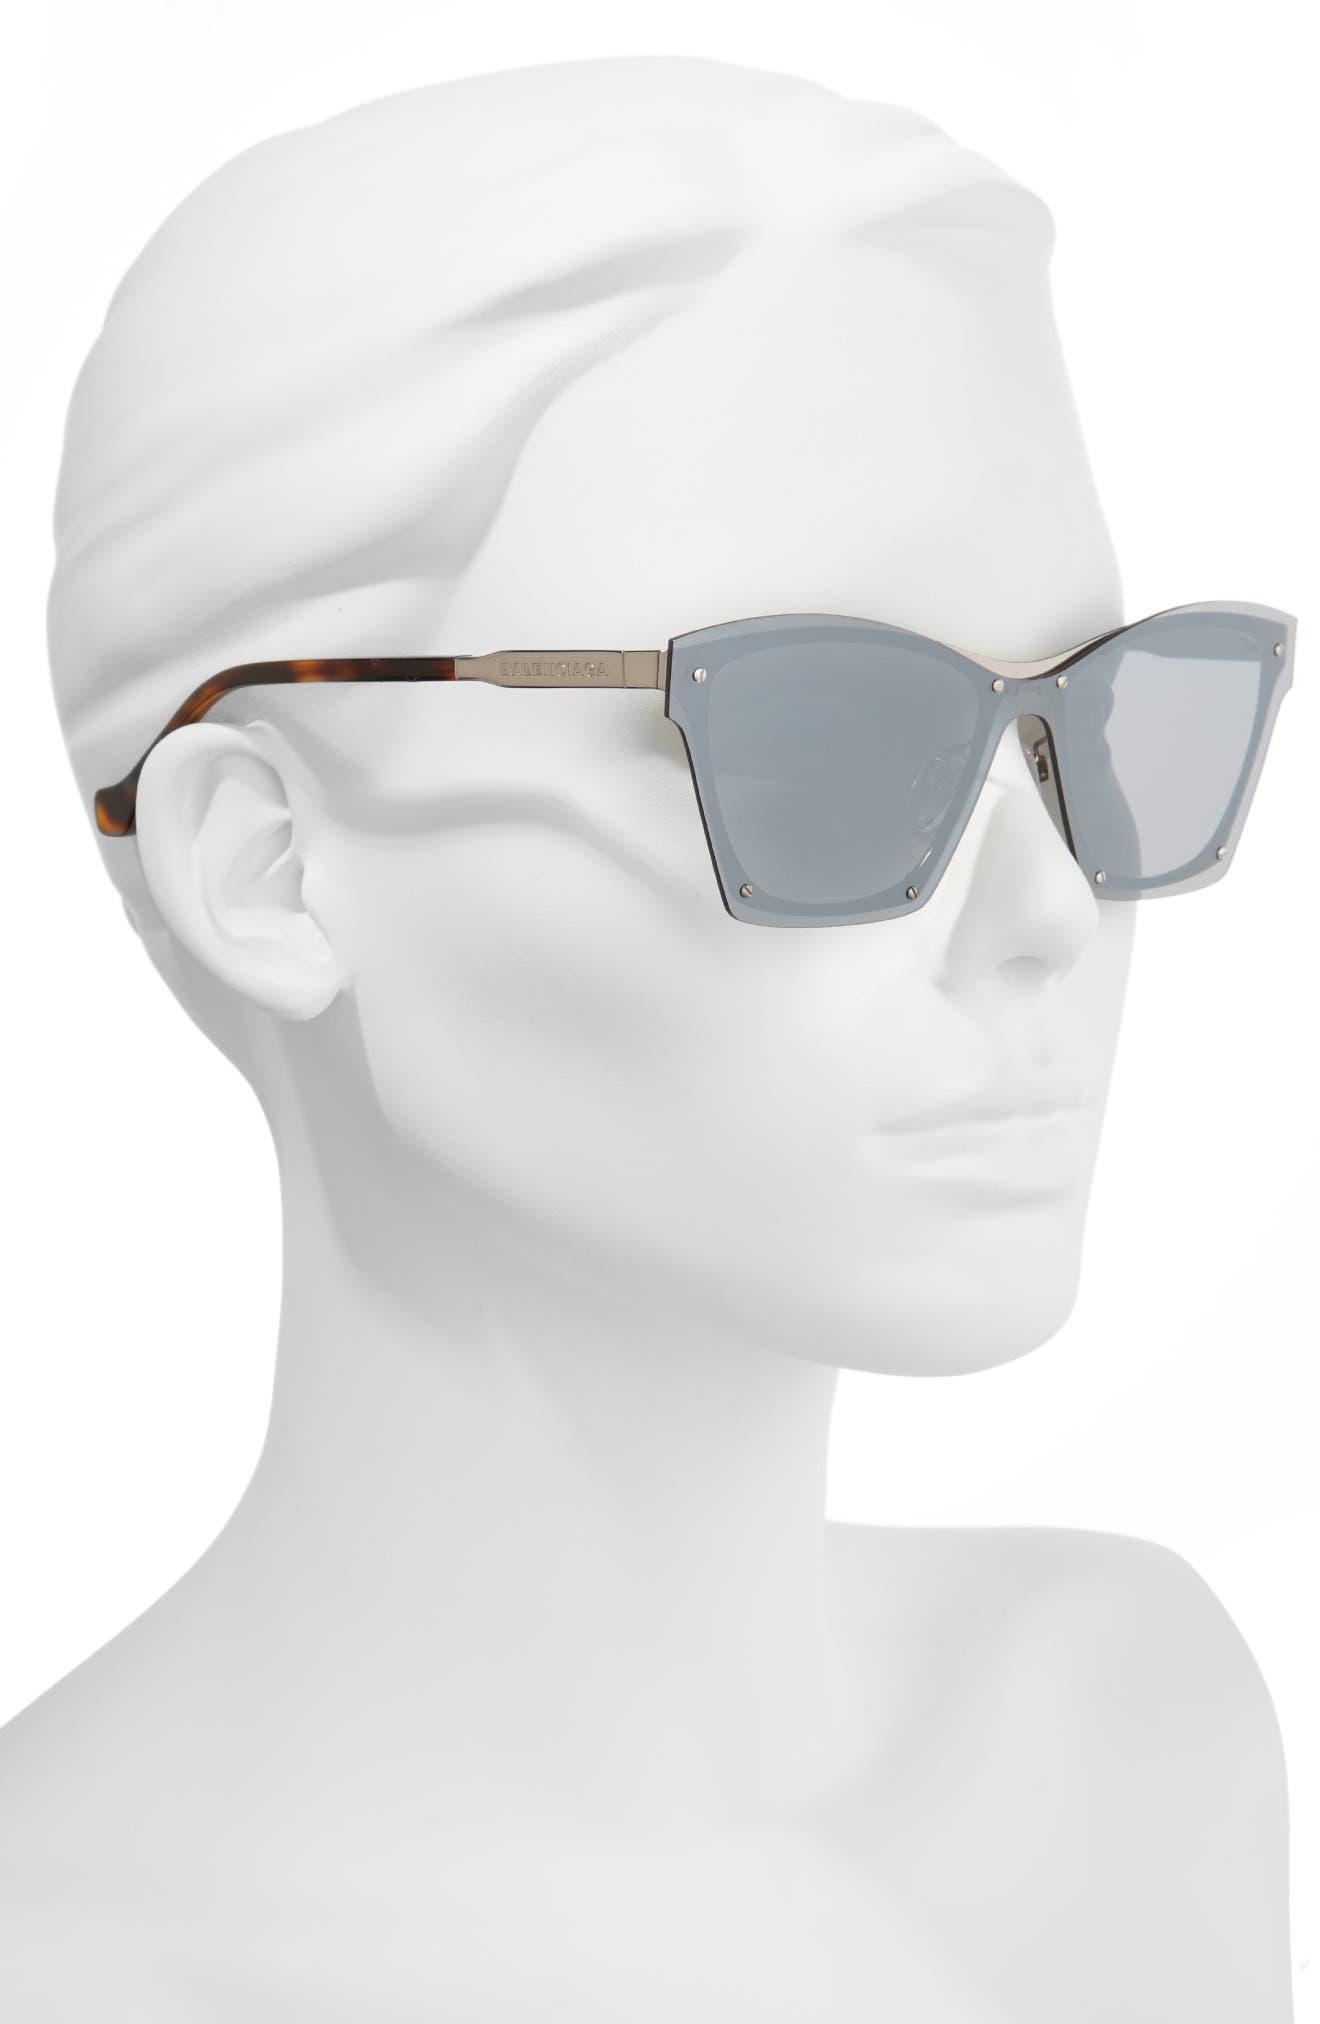 55mm Frameless Sunglasses,                             Alternate thumbnail 2, color,                             040